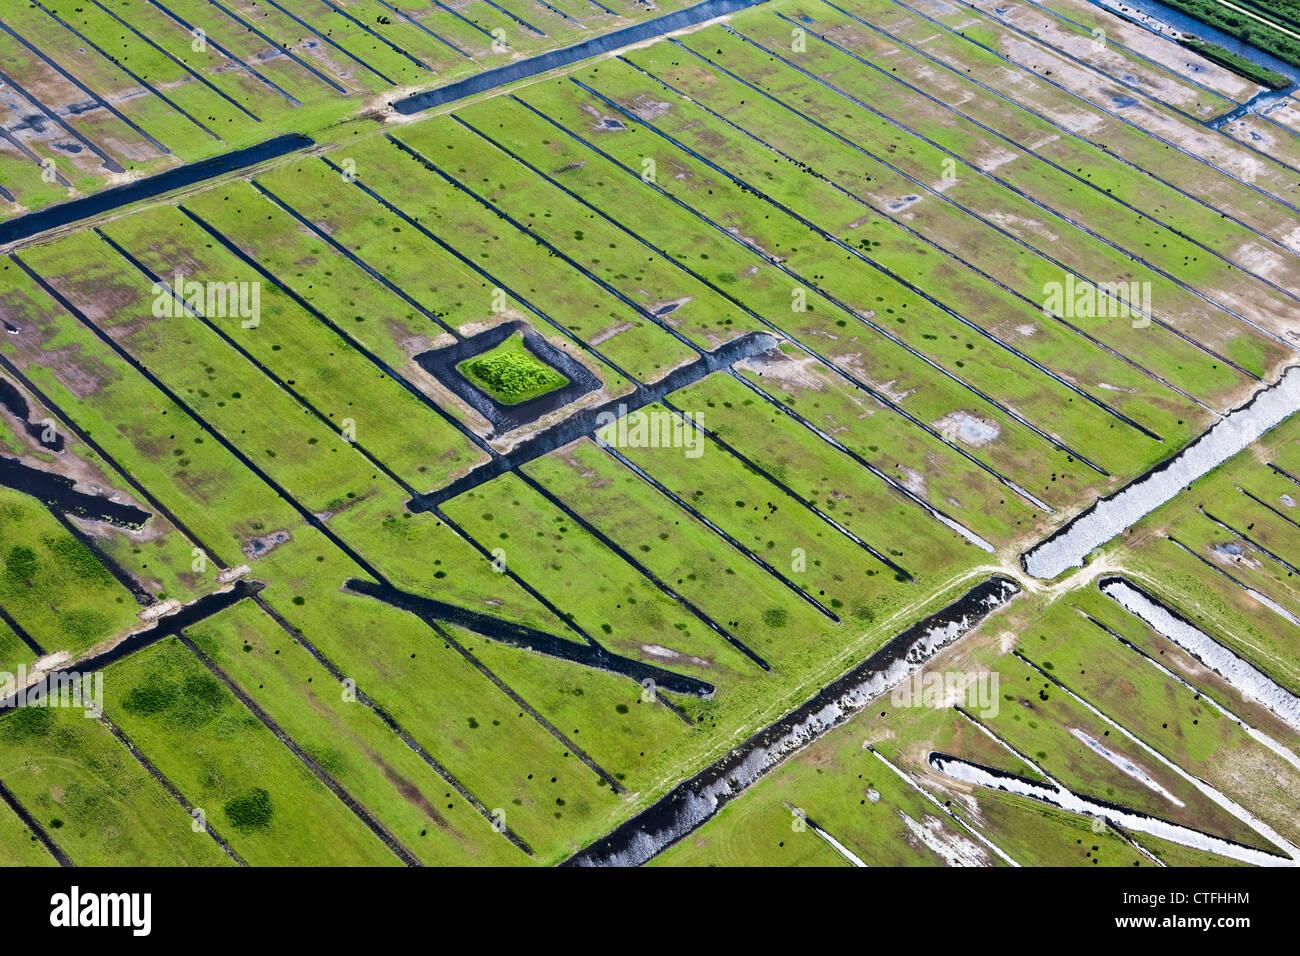 Die Niederlande, Almere, Marsch. Luft. Stockbild